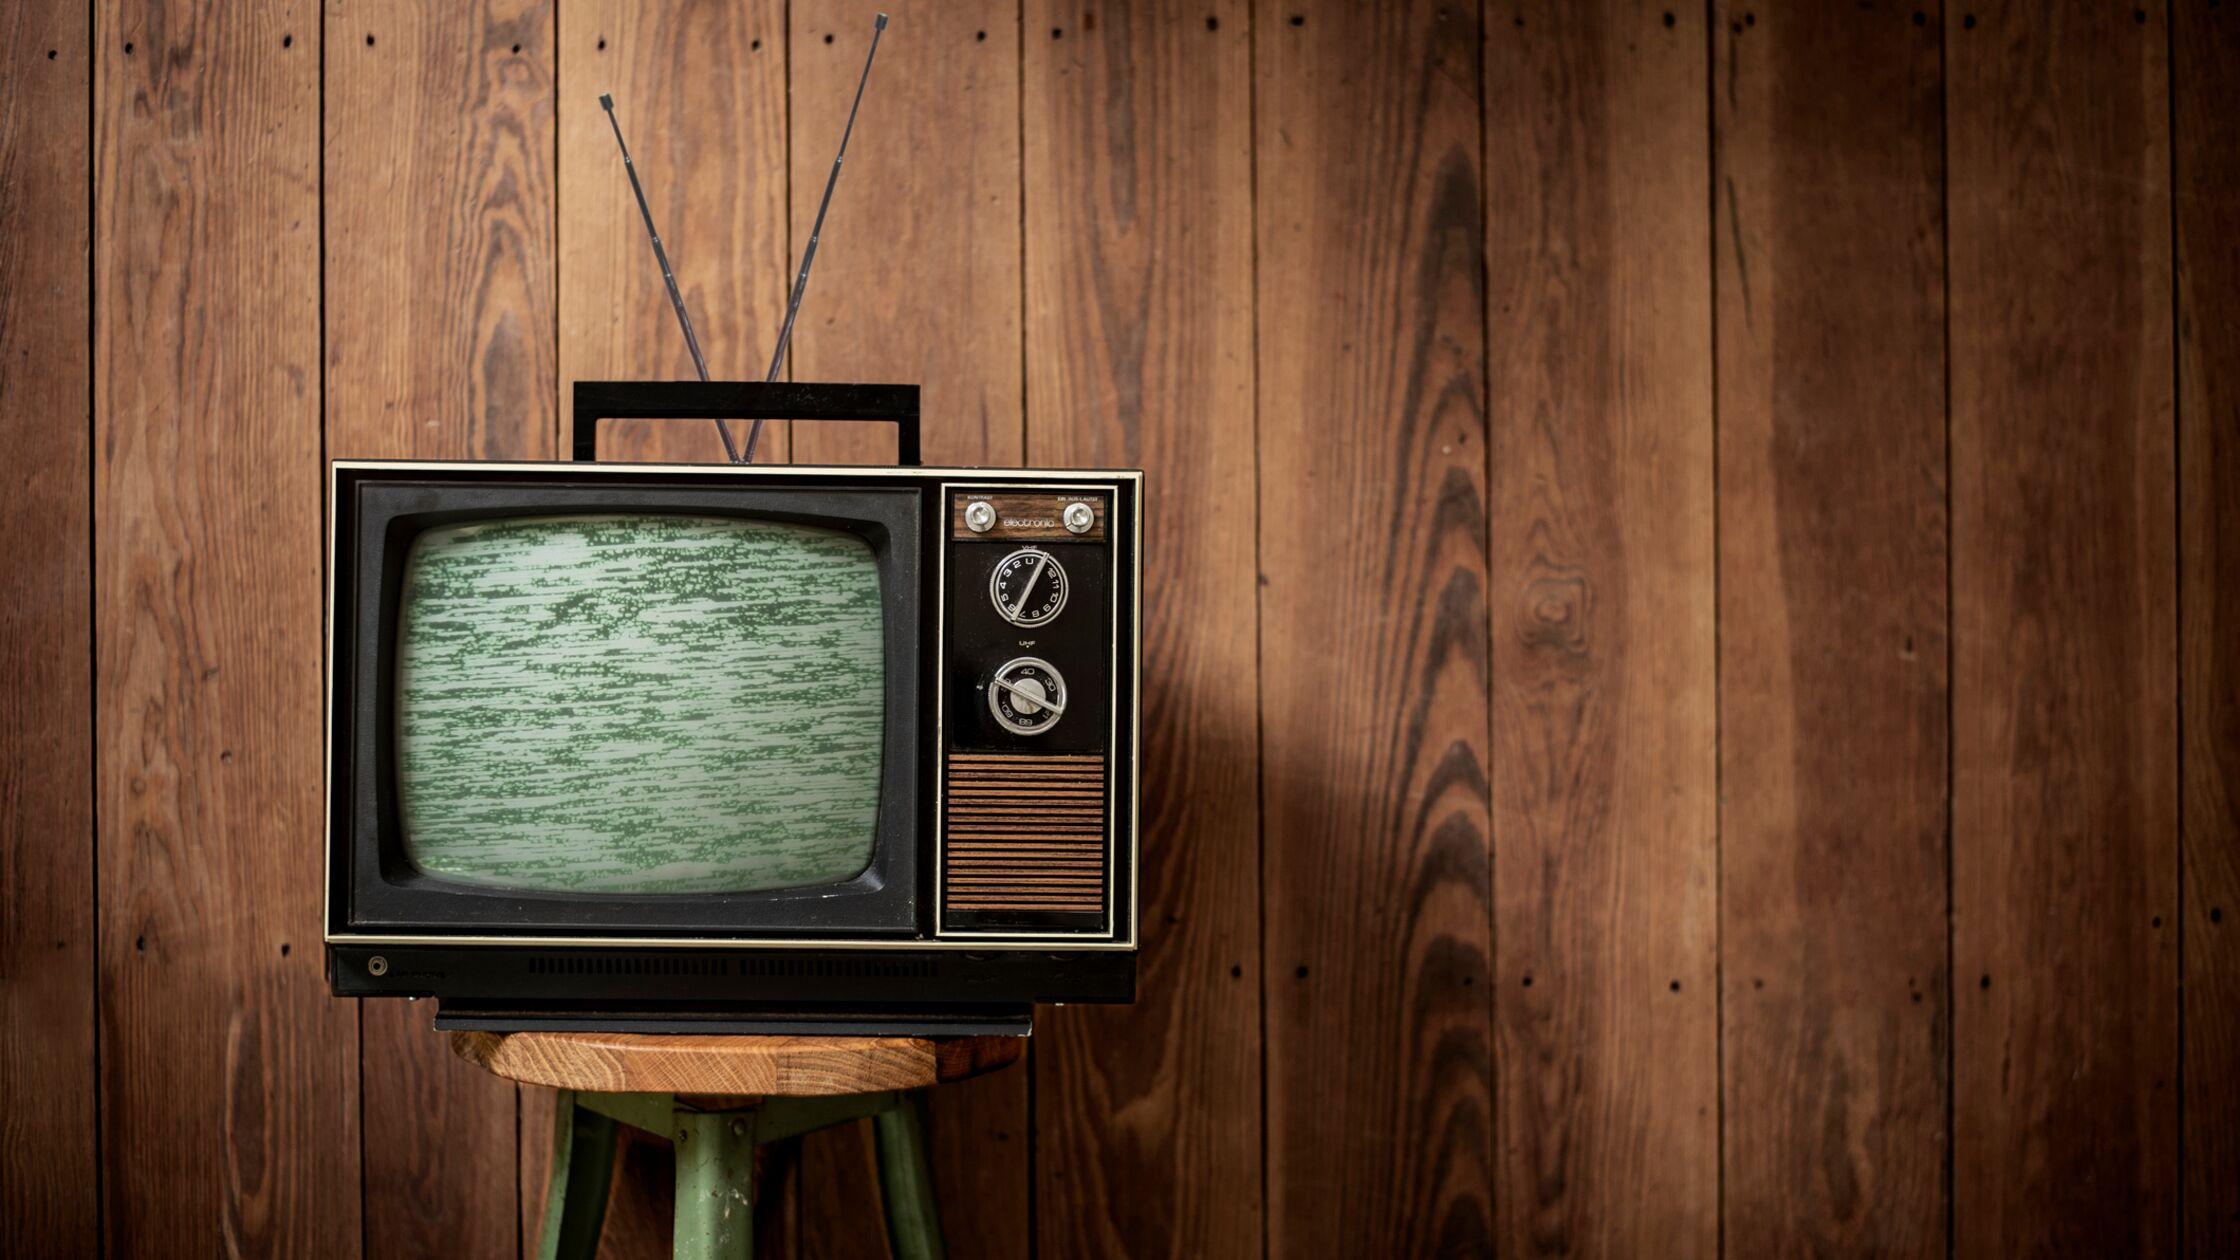 Fernseher zeigt nach Kündigung des Kabelanschlusses kein Bild